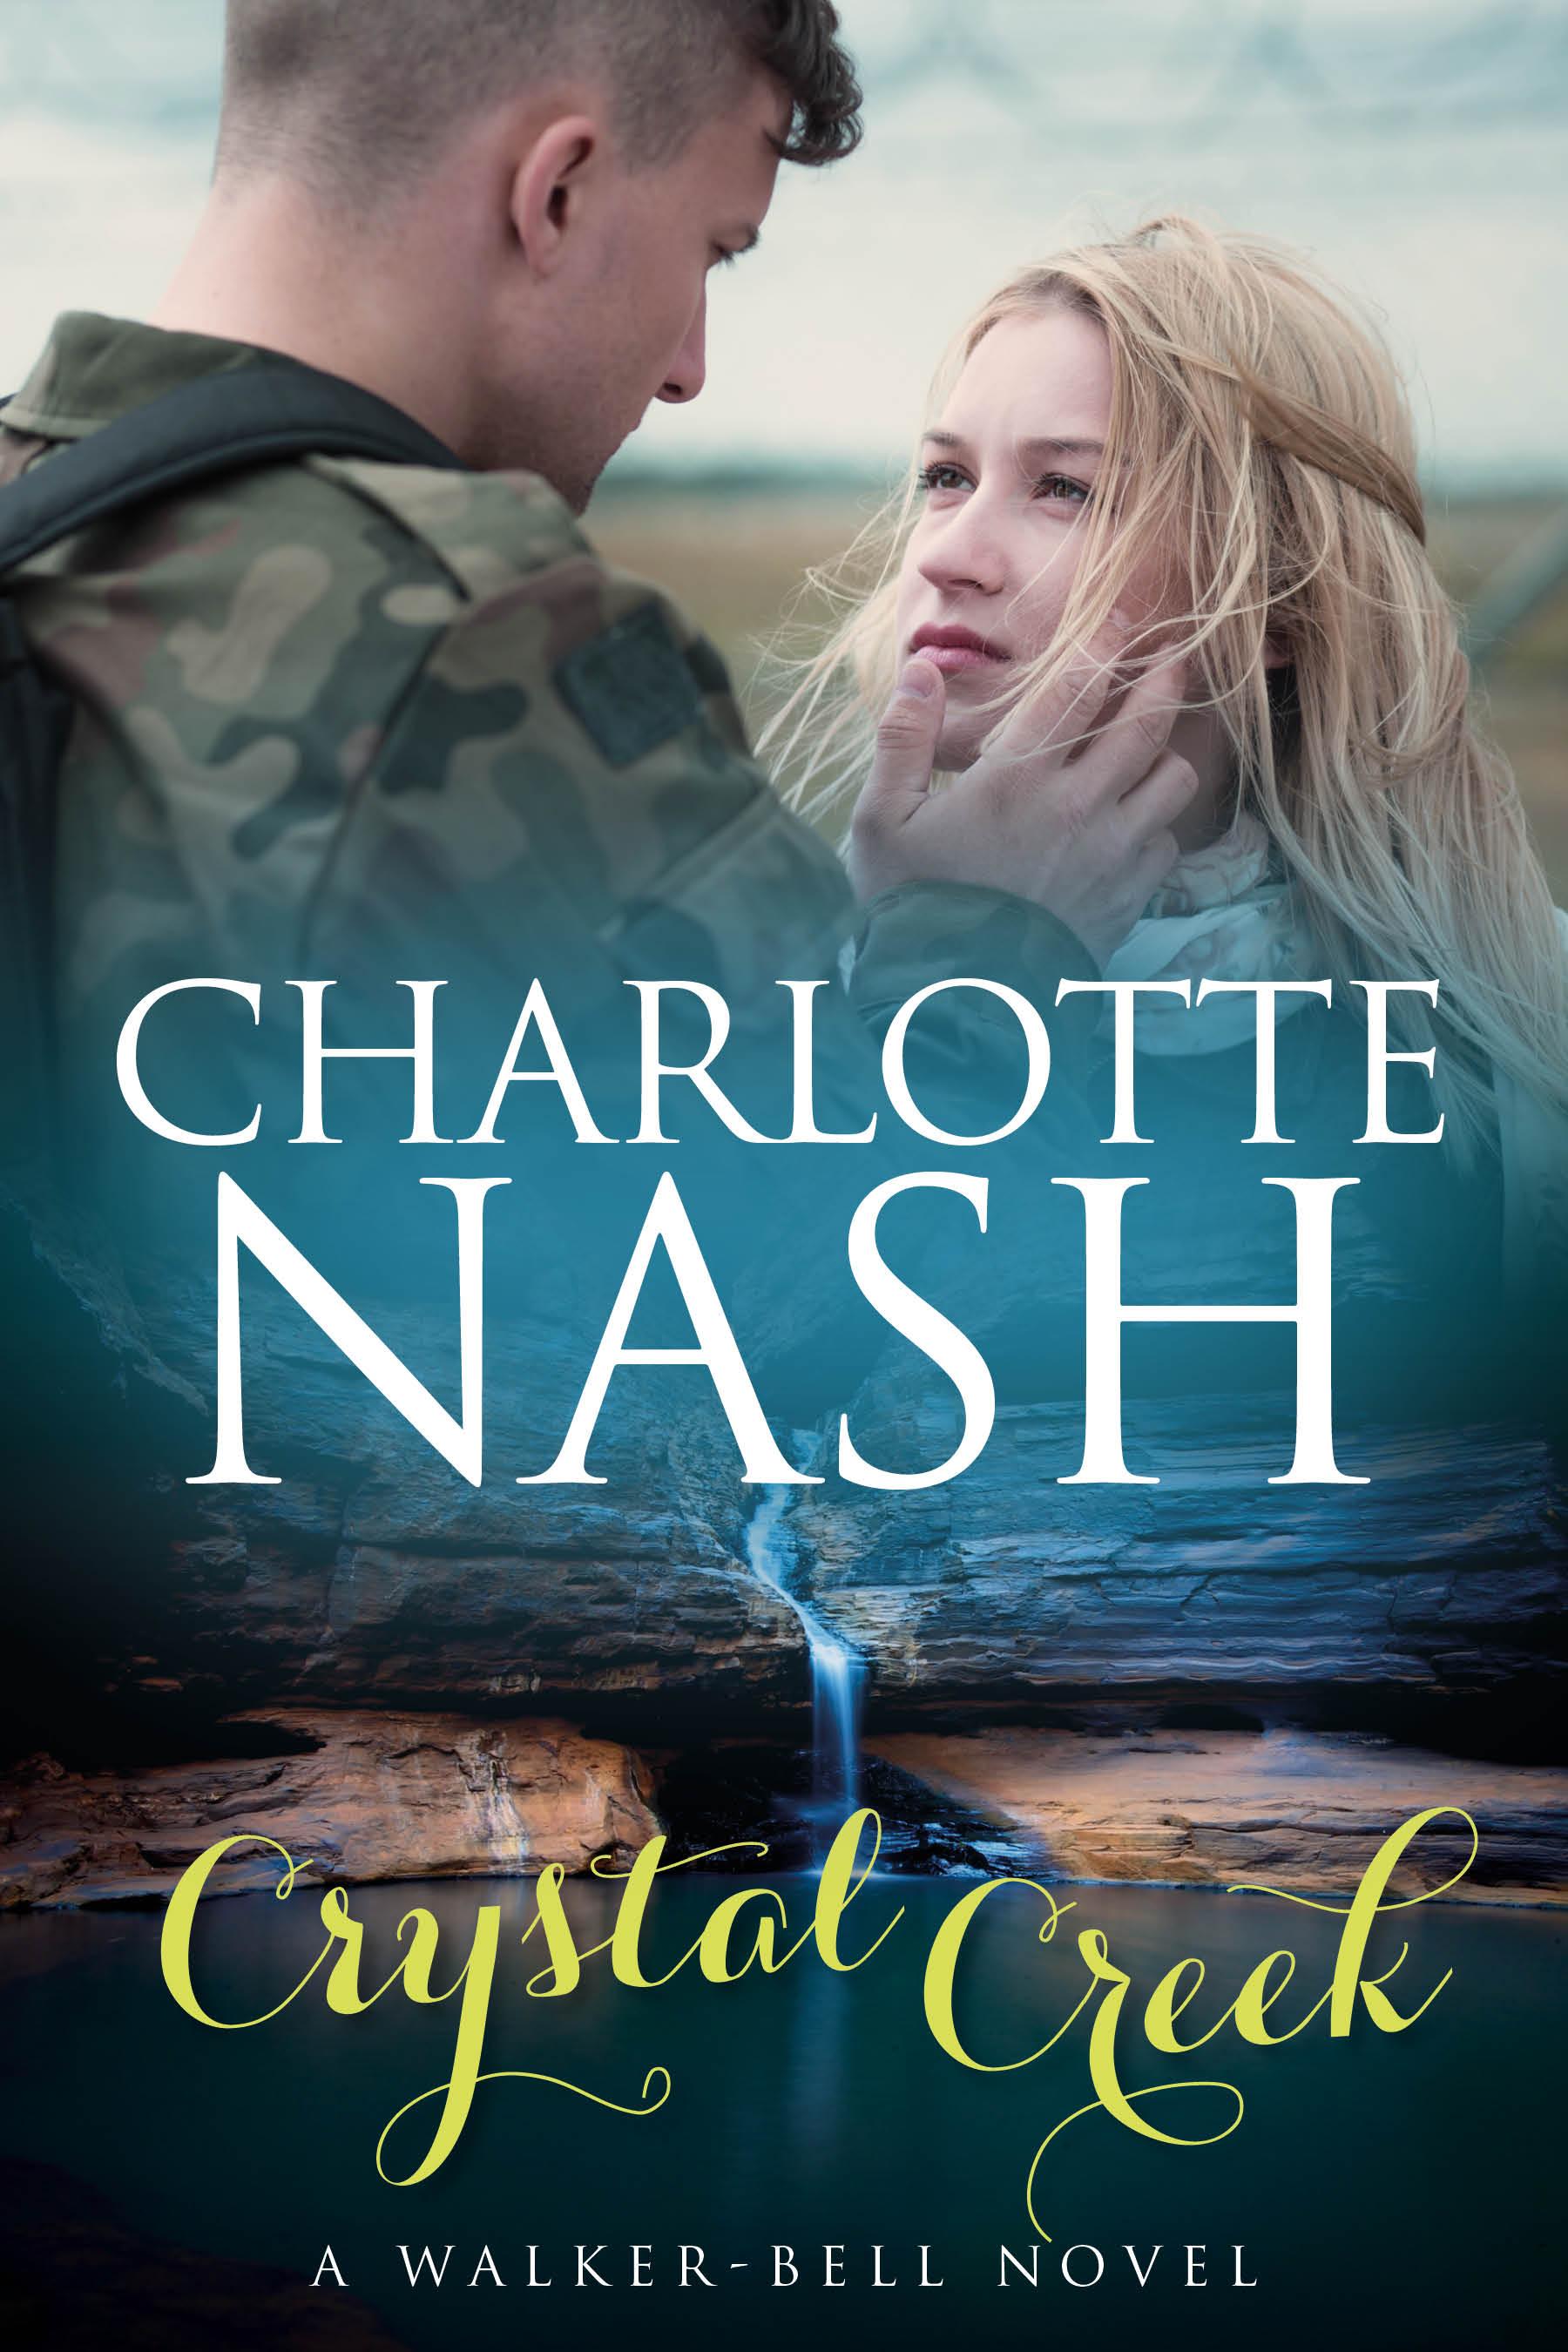 Crystal Creek Cover LARGE EBOOK.jpg